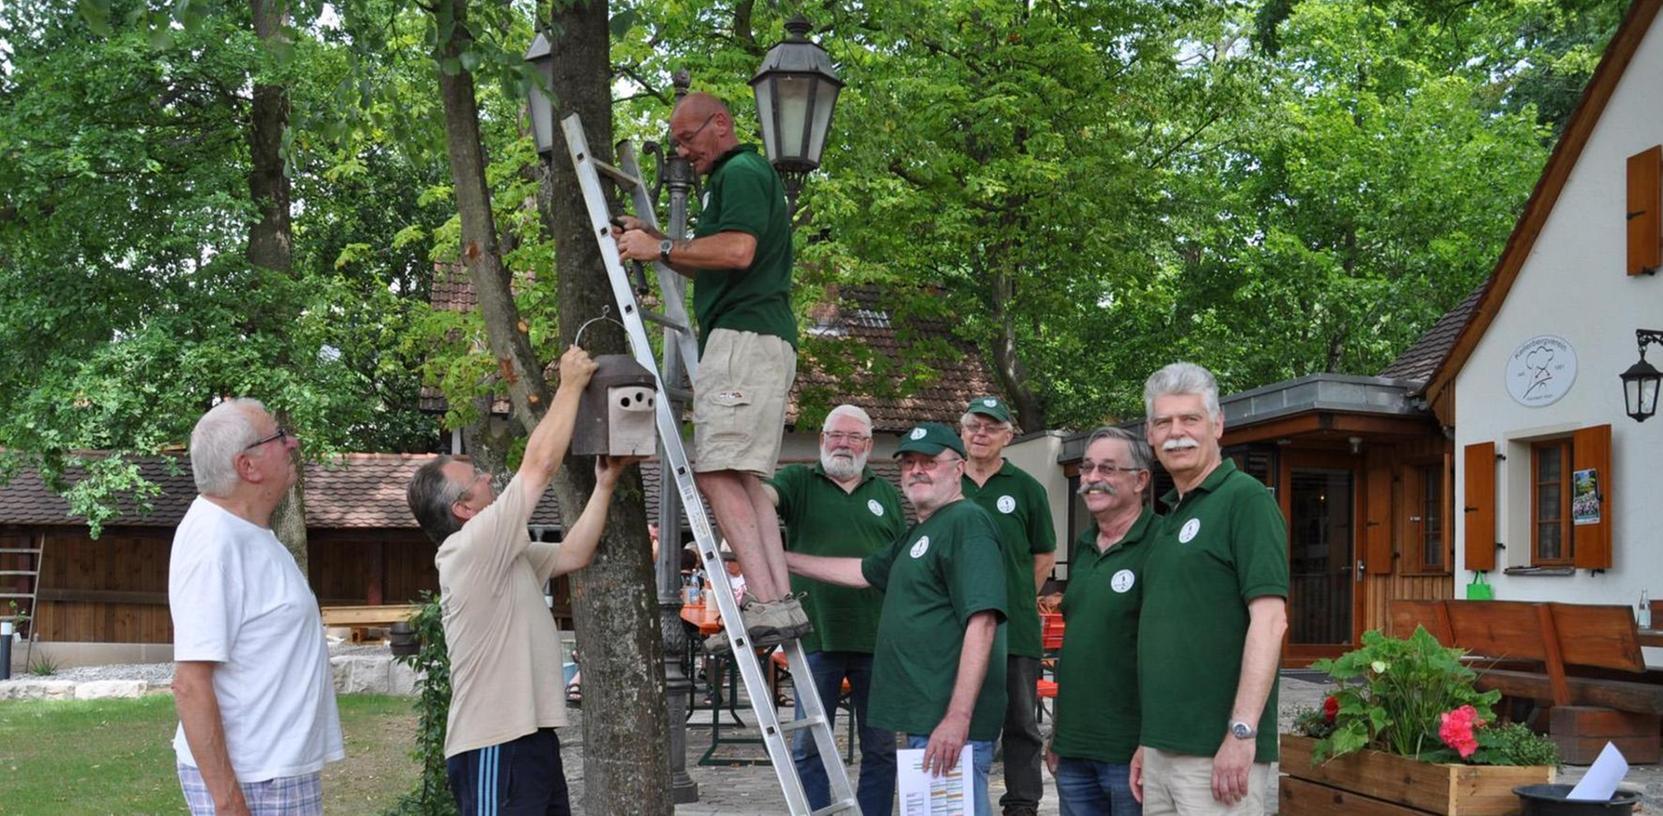 Vogelwart Wolfgang Huber befestigt die letzte Nisthilfe am Baum des Städtischen Kellerhauses. Der Verein der Vogelfreunde und der Kellerbergverein haben sich für diese Aktion zusammengetan.